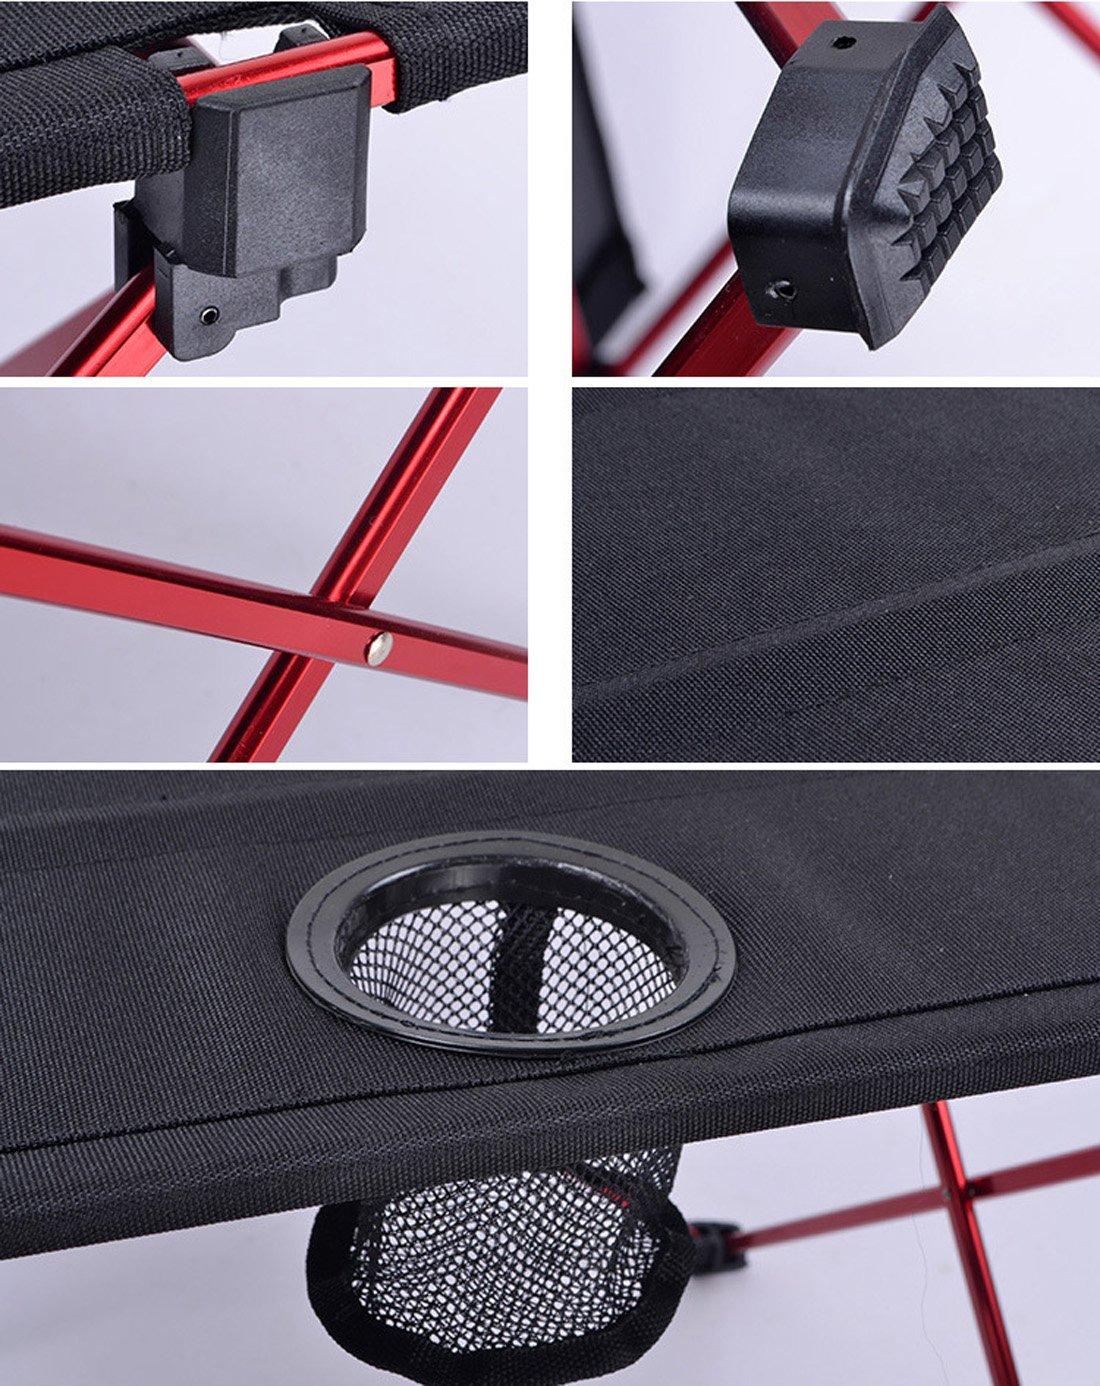 Tavolo Campeggio Alluminio Avvolgibile.Tavolino Ultraleggero In Alluminio Avvolgibile Da Campeggio Viaggio